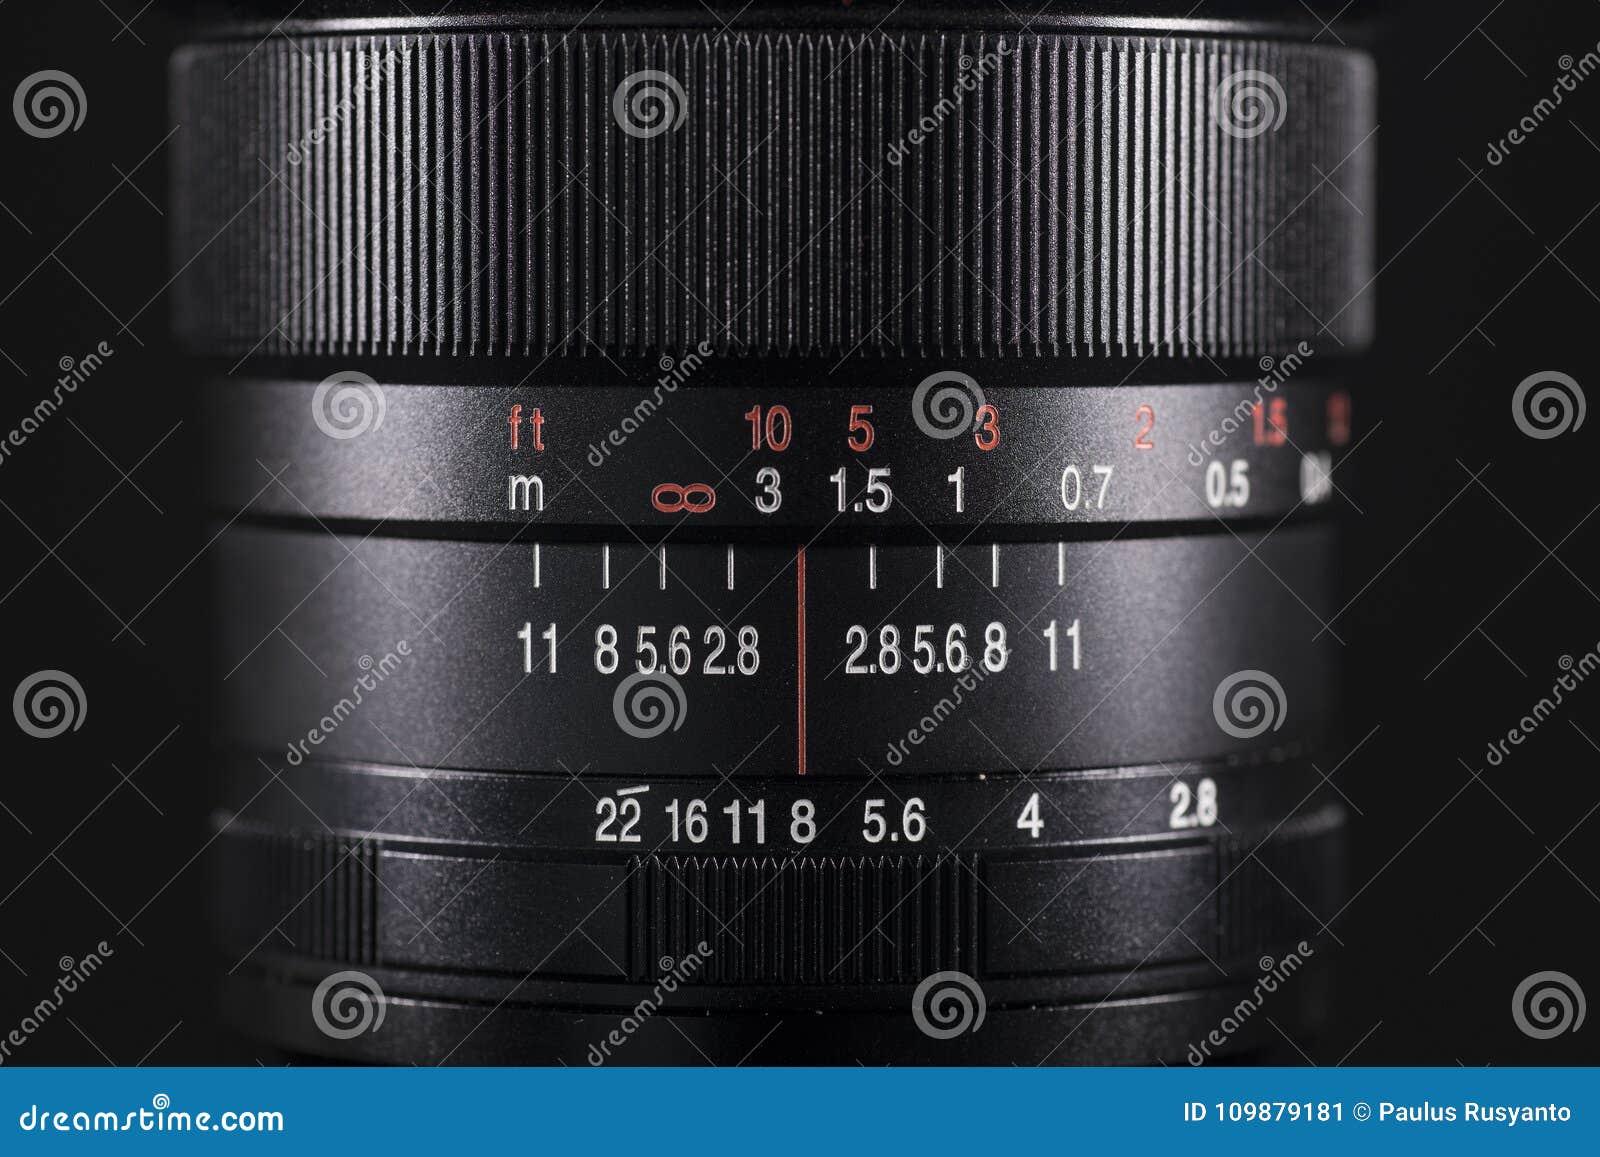 Berufslinse für Digitalkamera